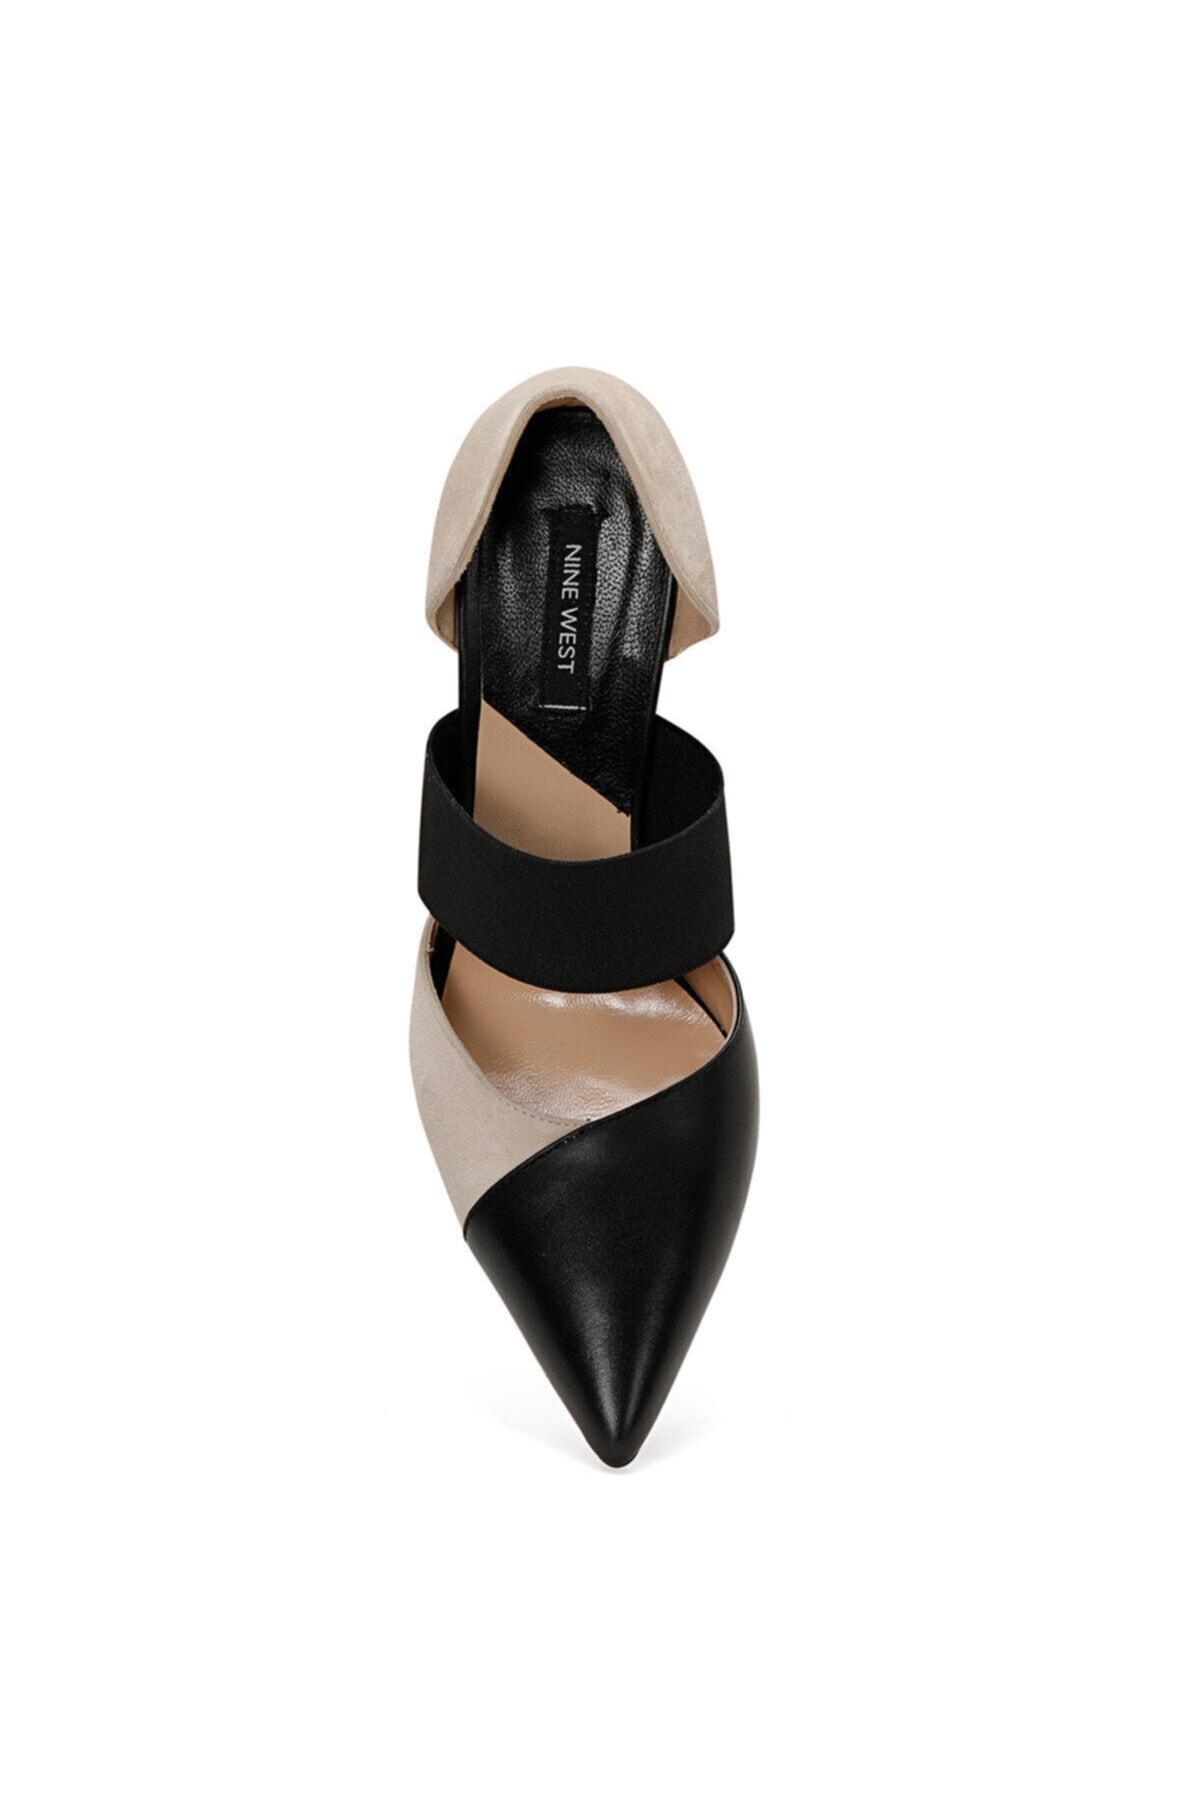 Nine West BEYONA Bej Kadın Hakiki Deri Topuklu Ayakkabı 100526372 2